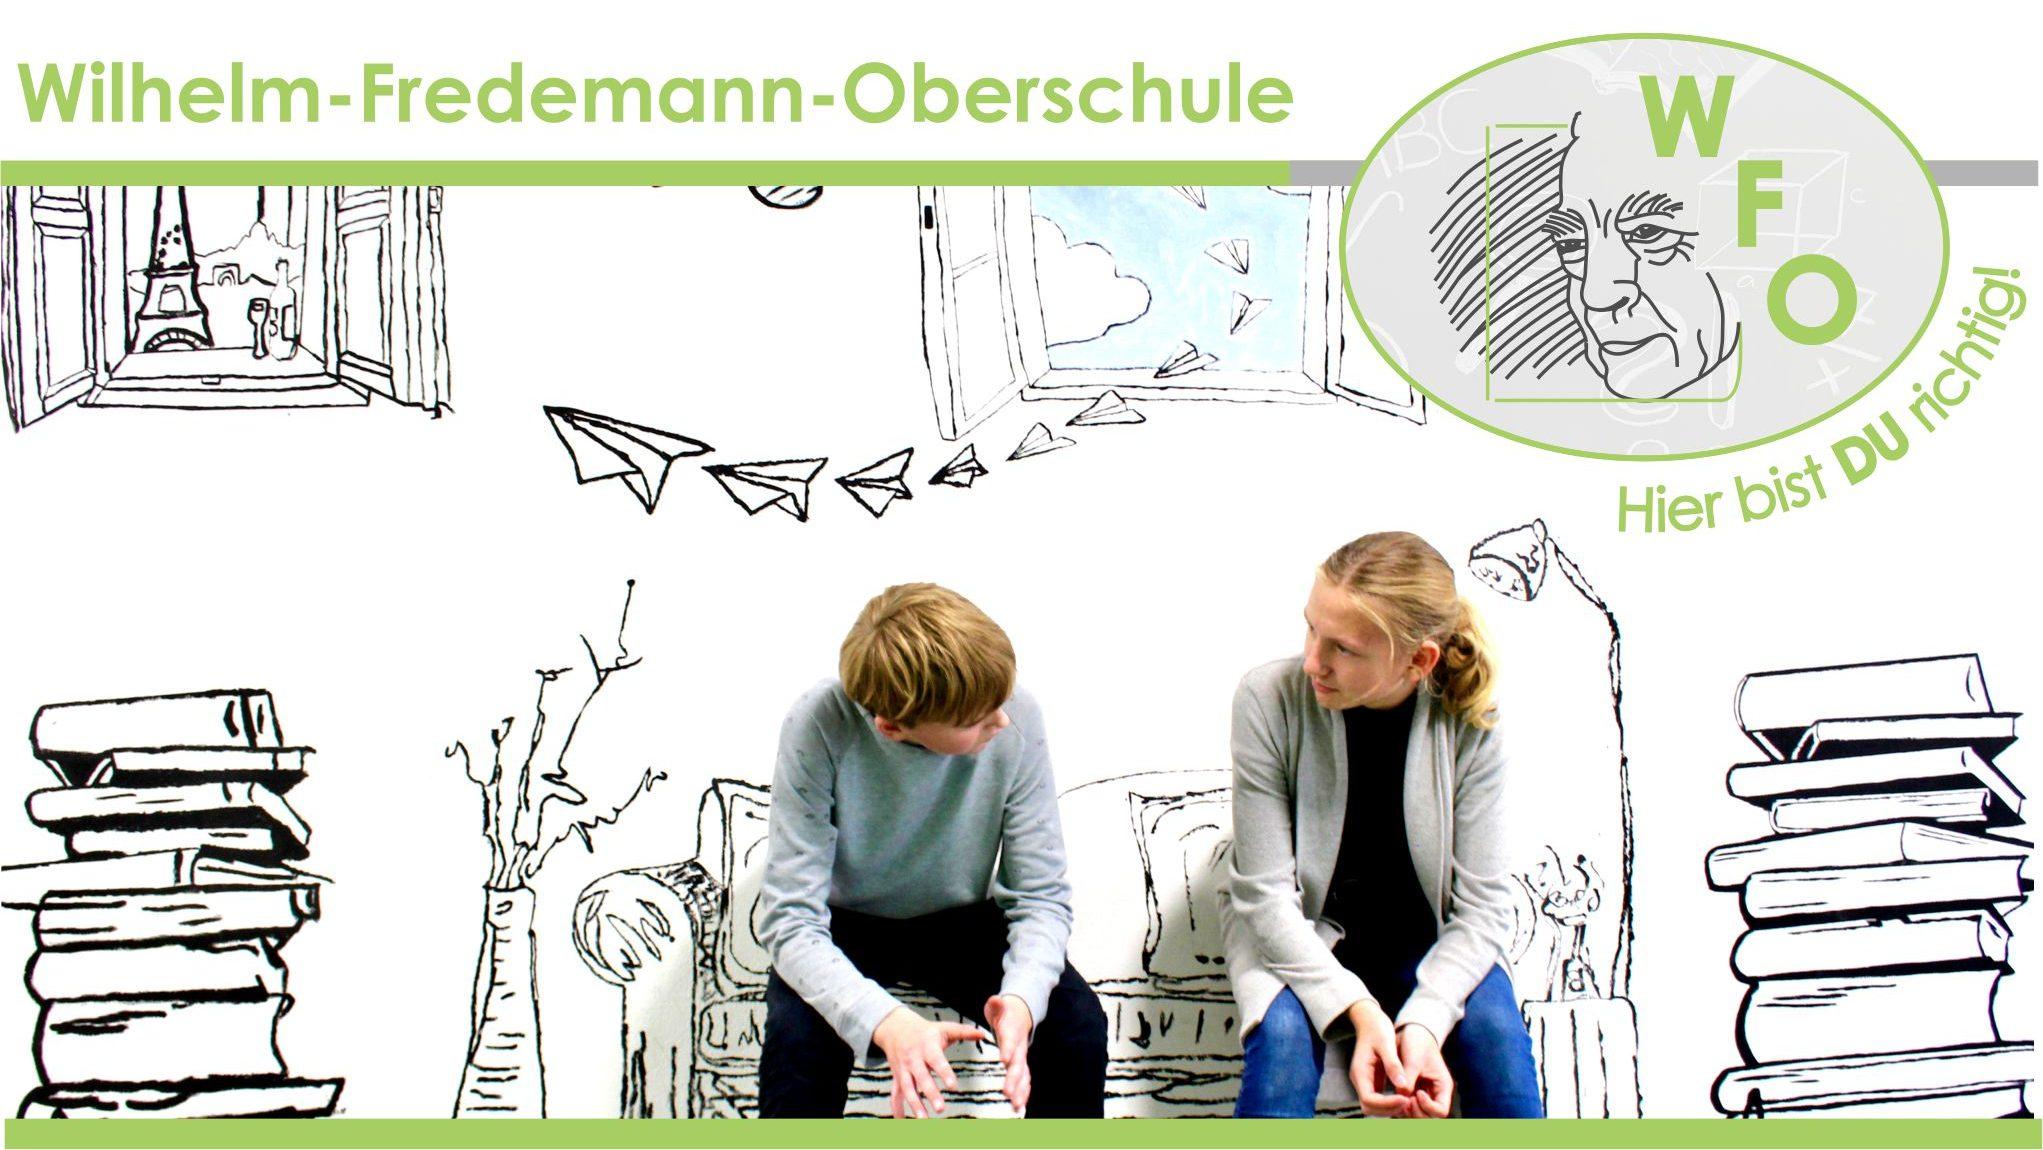 Wilhelm-Fredemann-Oberschule